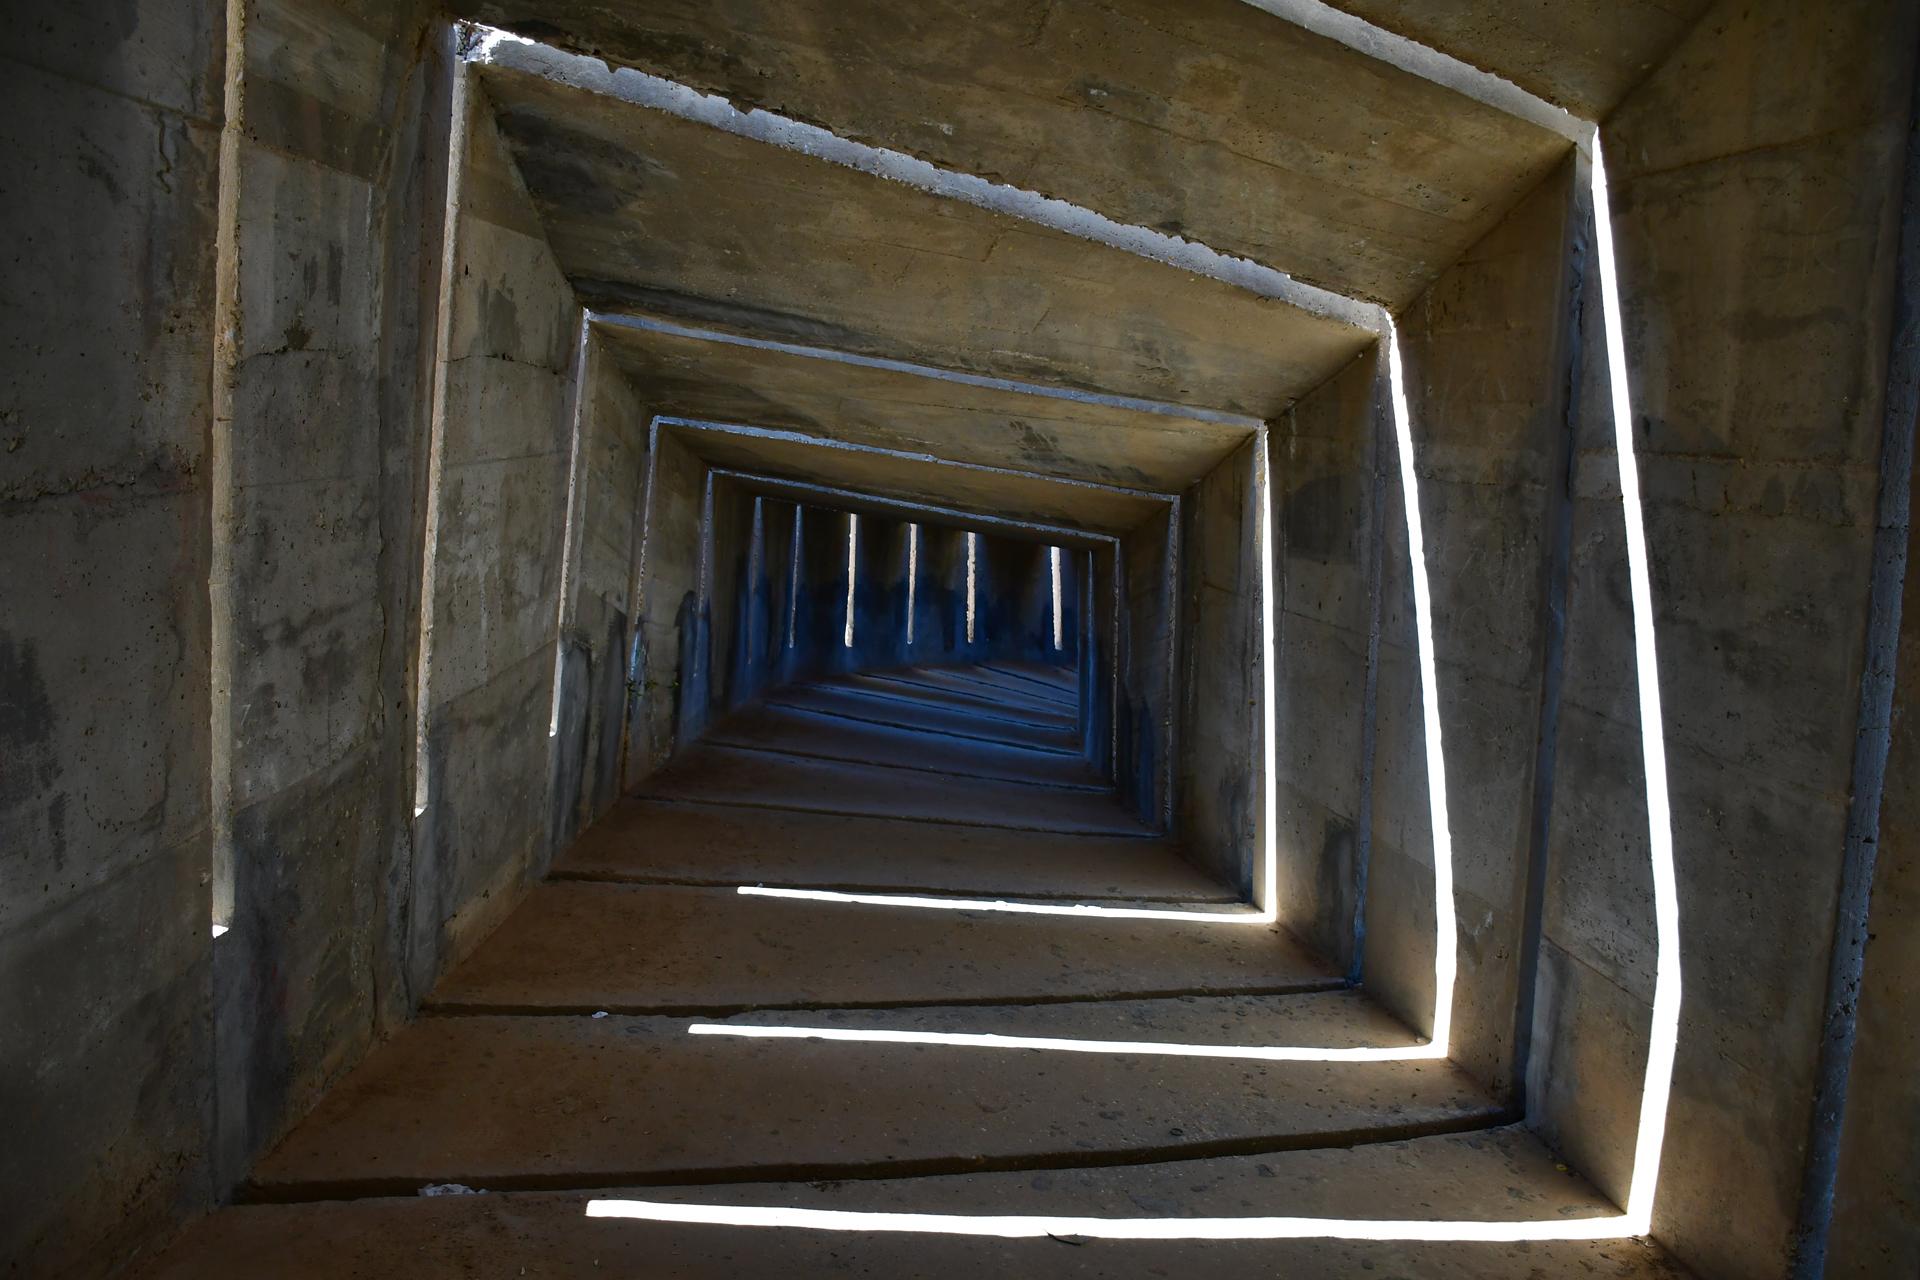 אנדרטת הנגב - יוסי חמו - דני קרוון - יואל שתרוג - אדמה יוצרת - בטון - yoel sitruk